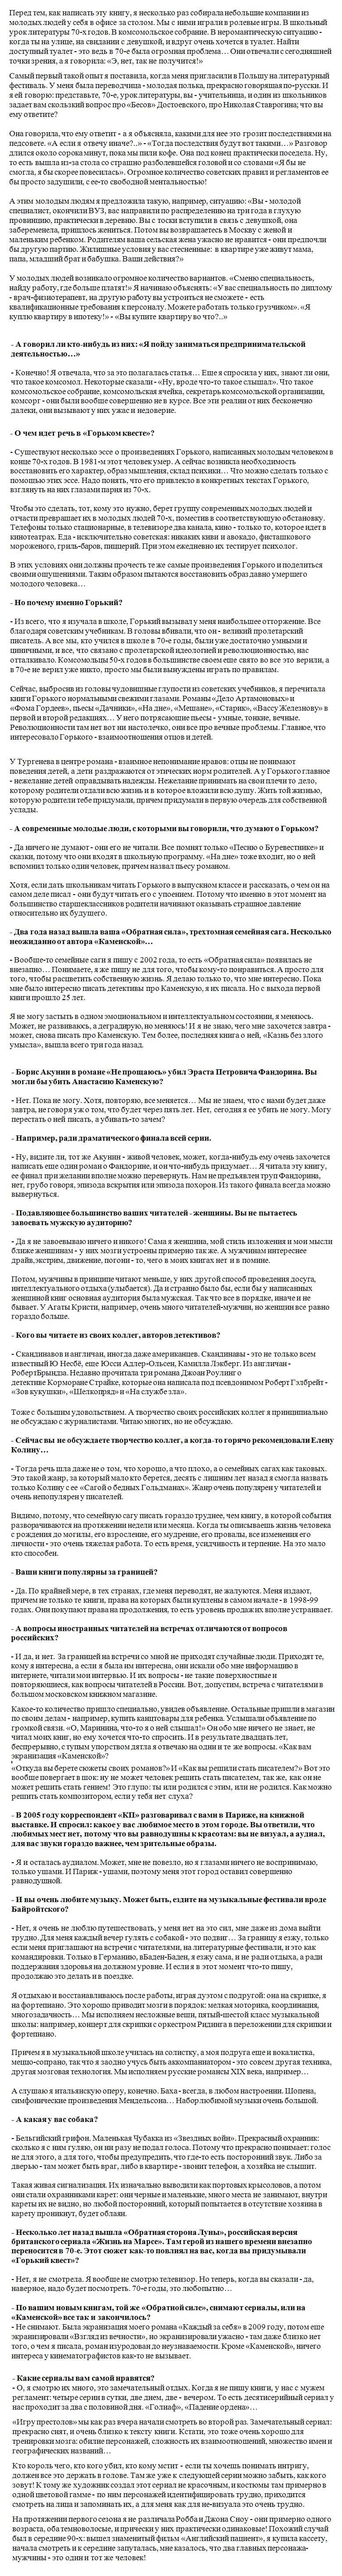 Интервью на тему Новая книга Марининой 2018 Горький квест